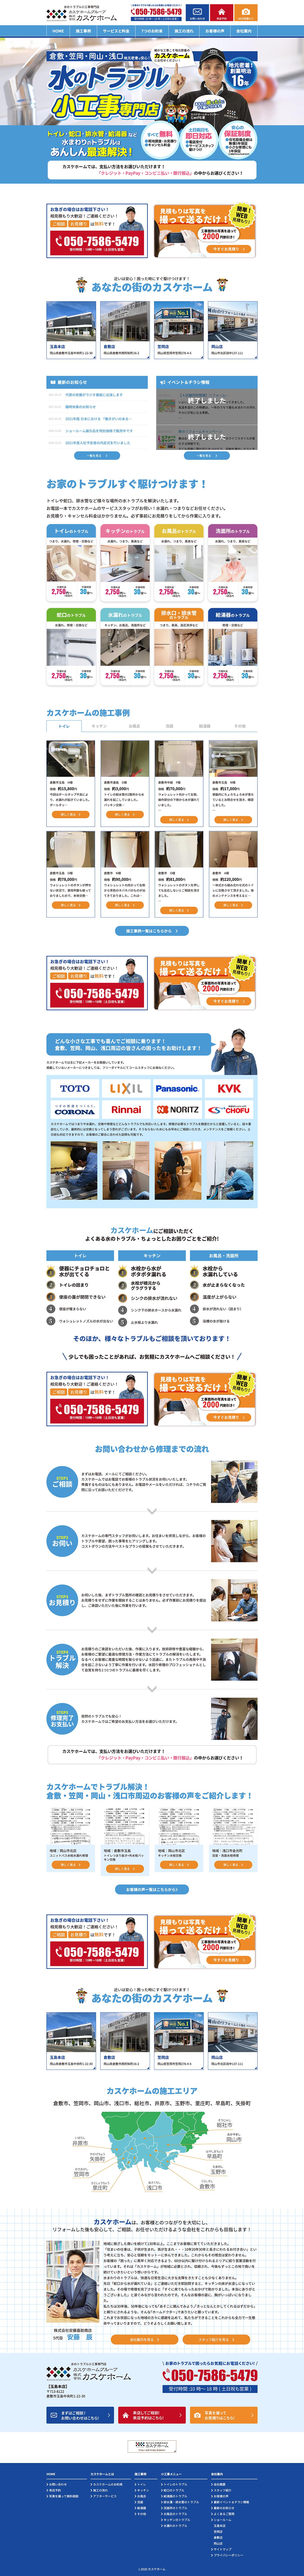 (株)カスケホーム(小工事サイト)様 PCデザイン